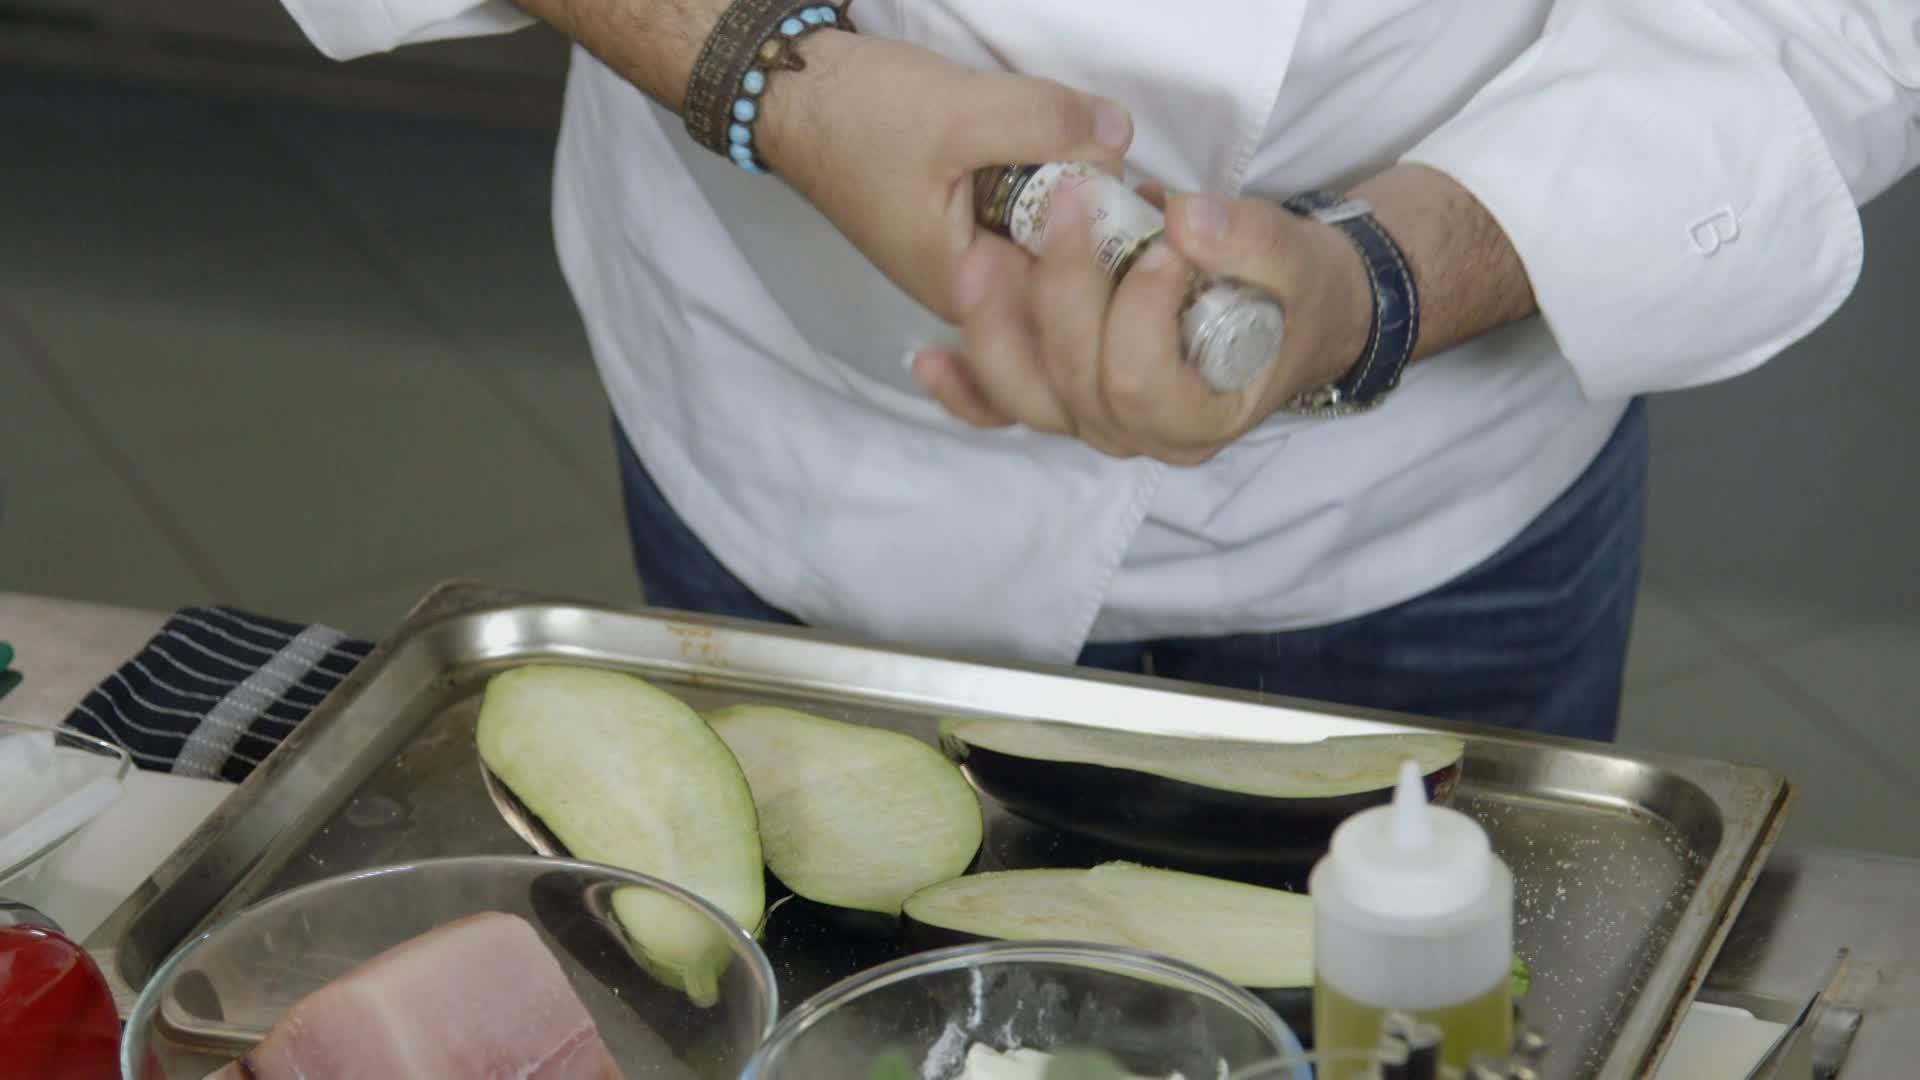 Cucine da incubo italia le ricette di chef cannavacciuolo spaghetti con pesce spada e - Cucine da incubo catania ...